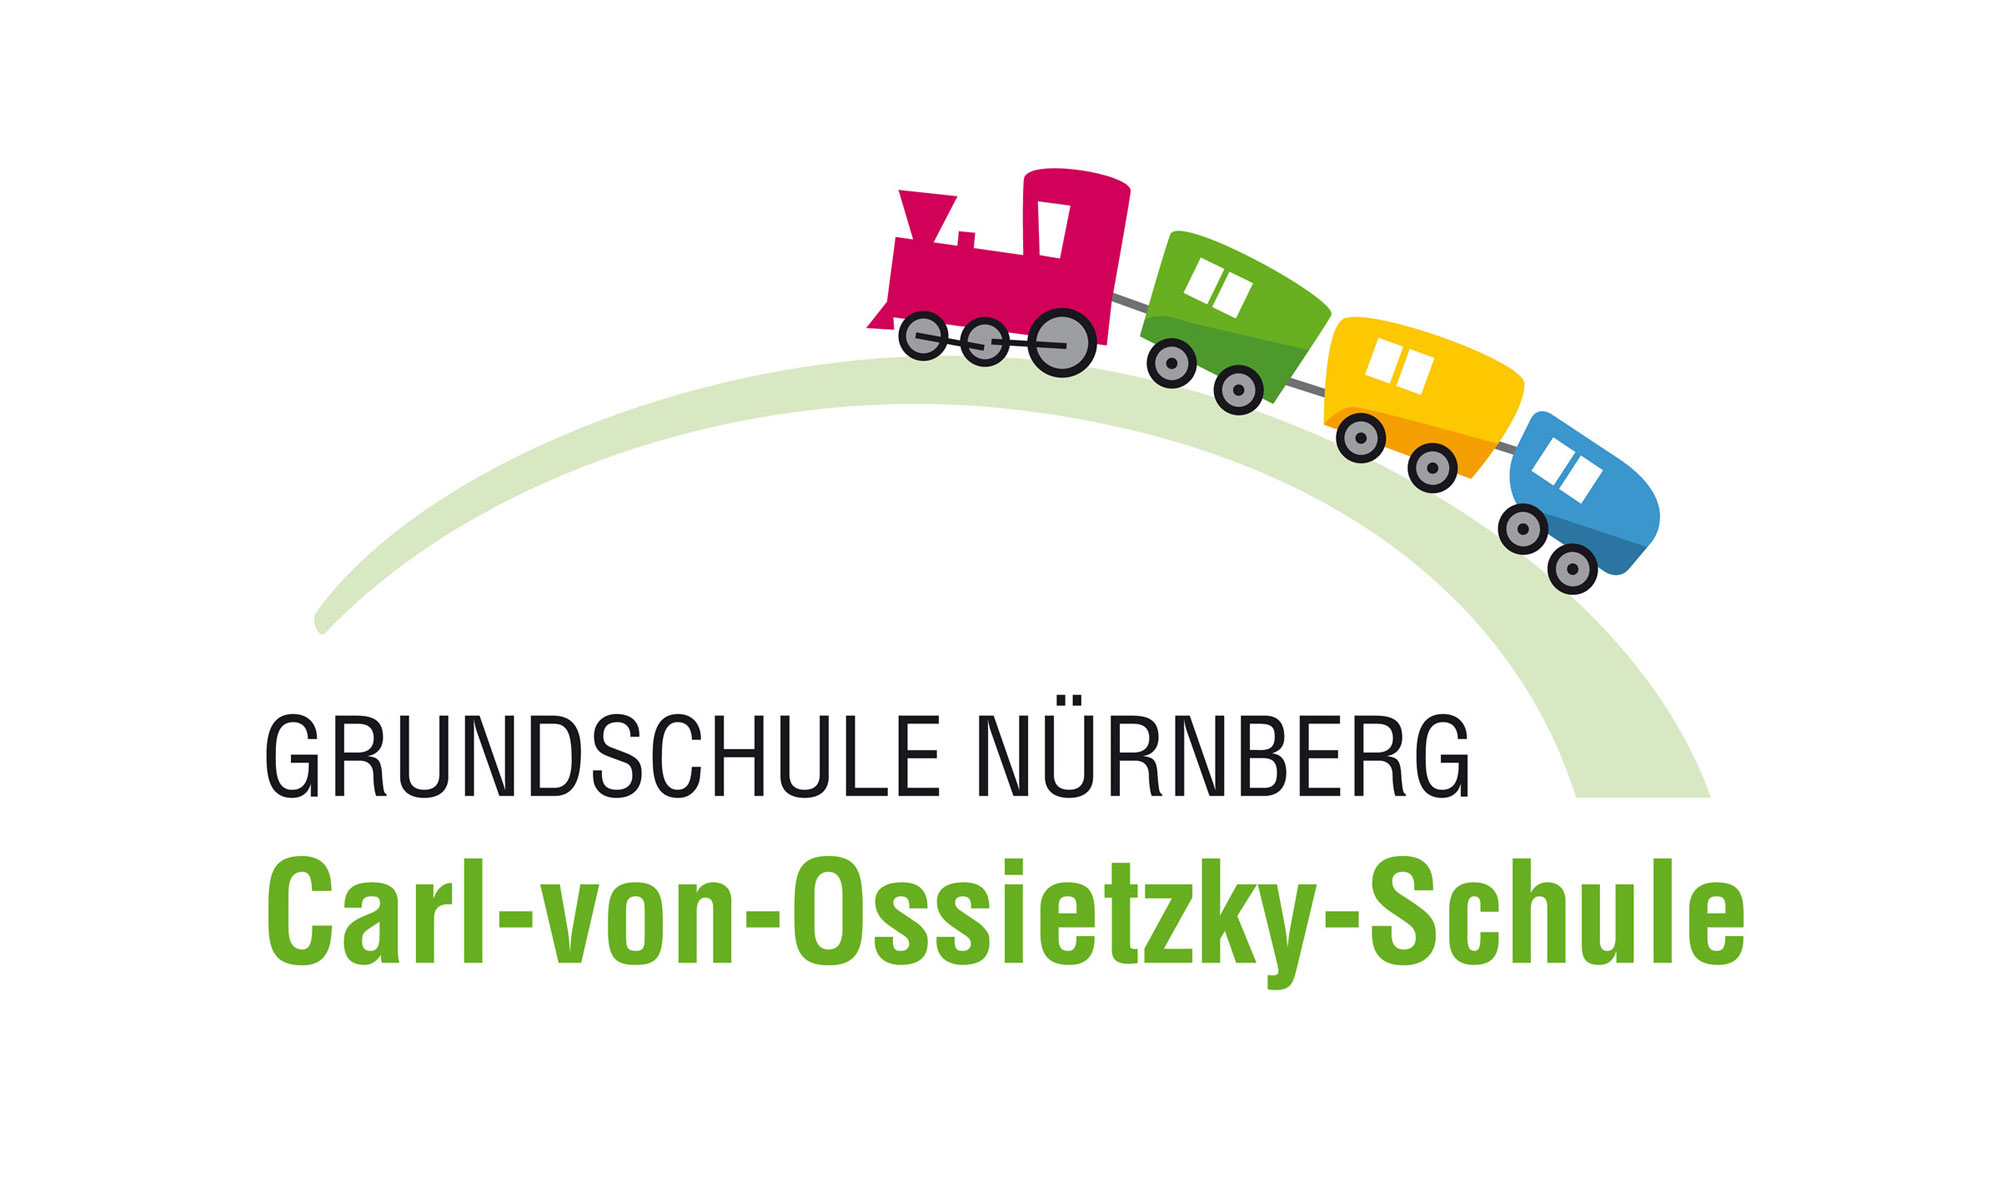 Carl-von-Ossietzky-Grundschule